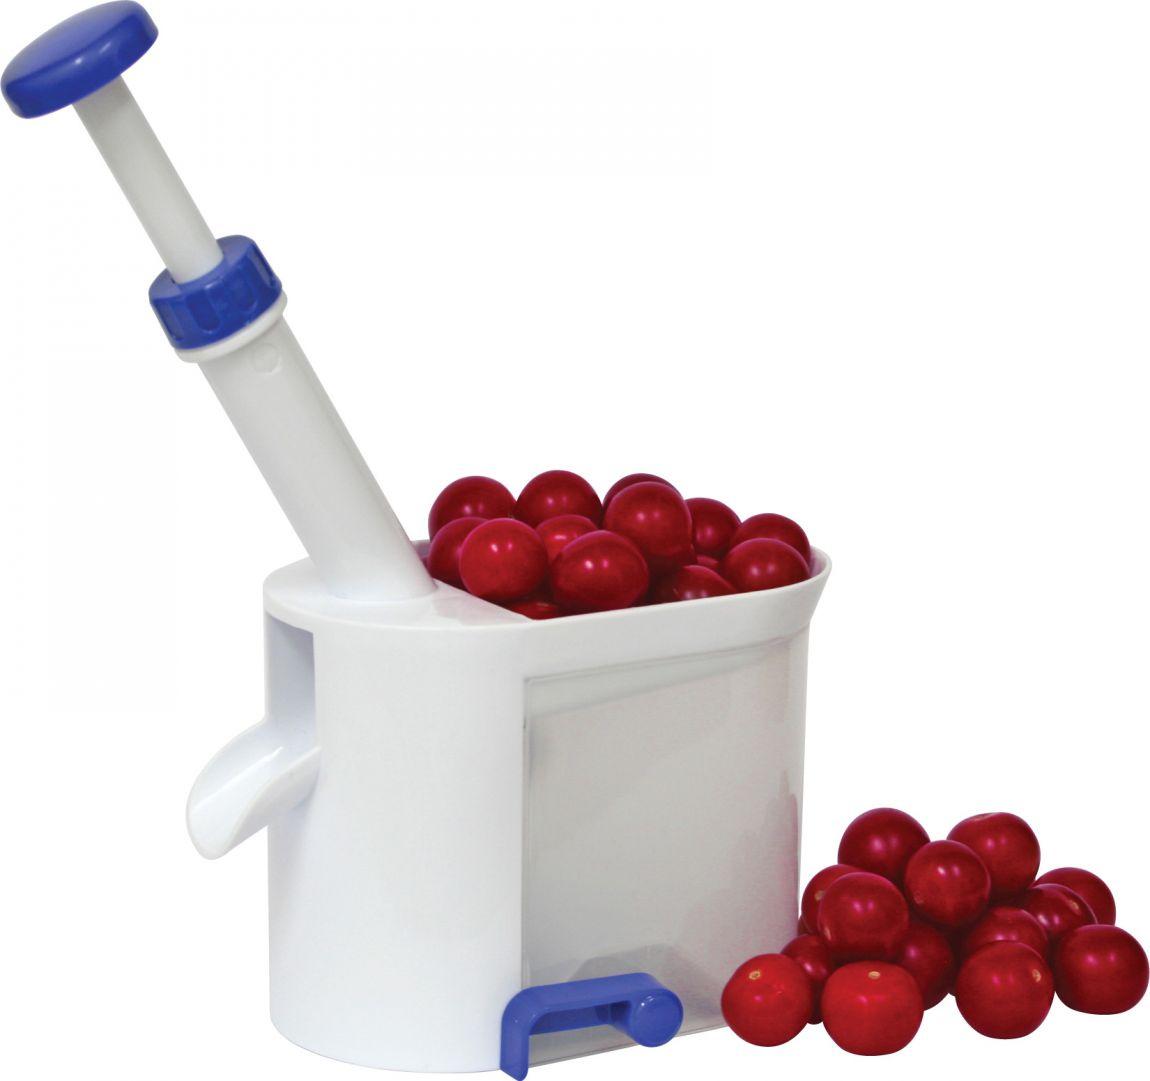 Отделитель косточек Машинка для удаления косточек, белый отделитель вишневых косточек rainstahl цвет белый красный